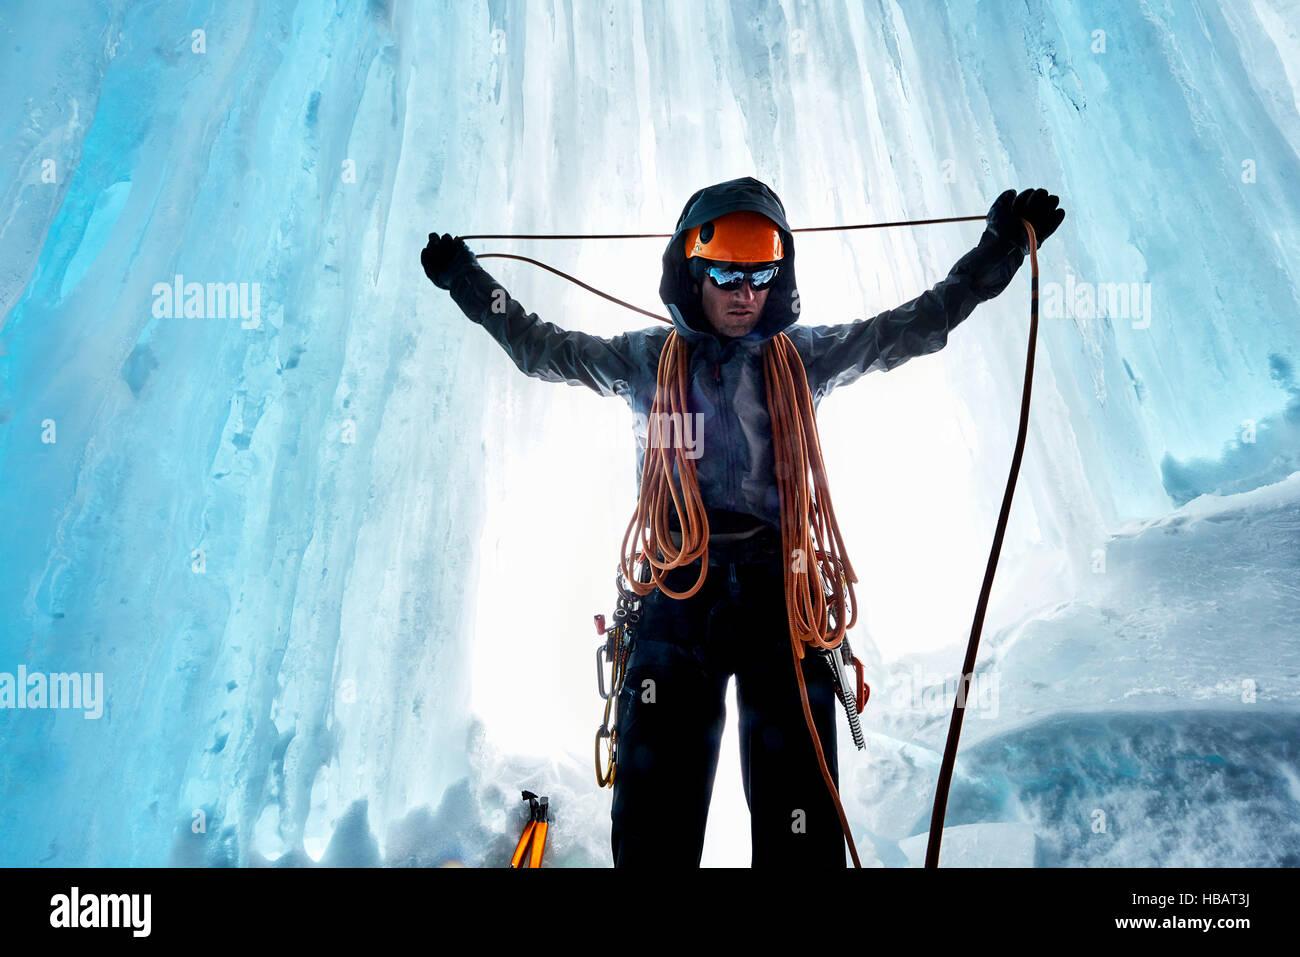 L'homme dans la caverne de glace préparation corde, Saas Fee, Suisse Photo Stock